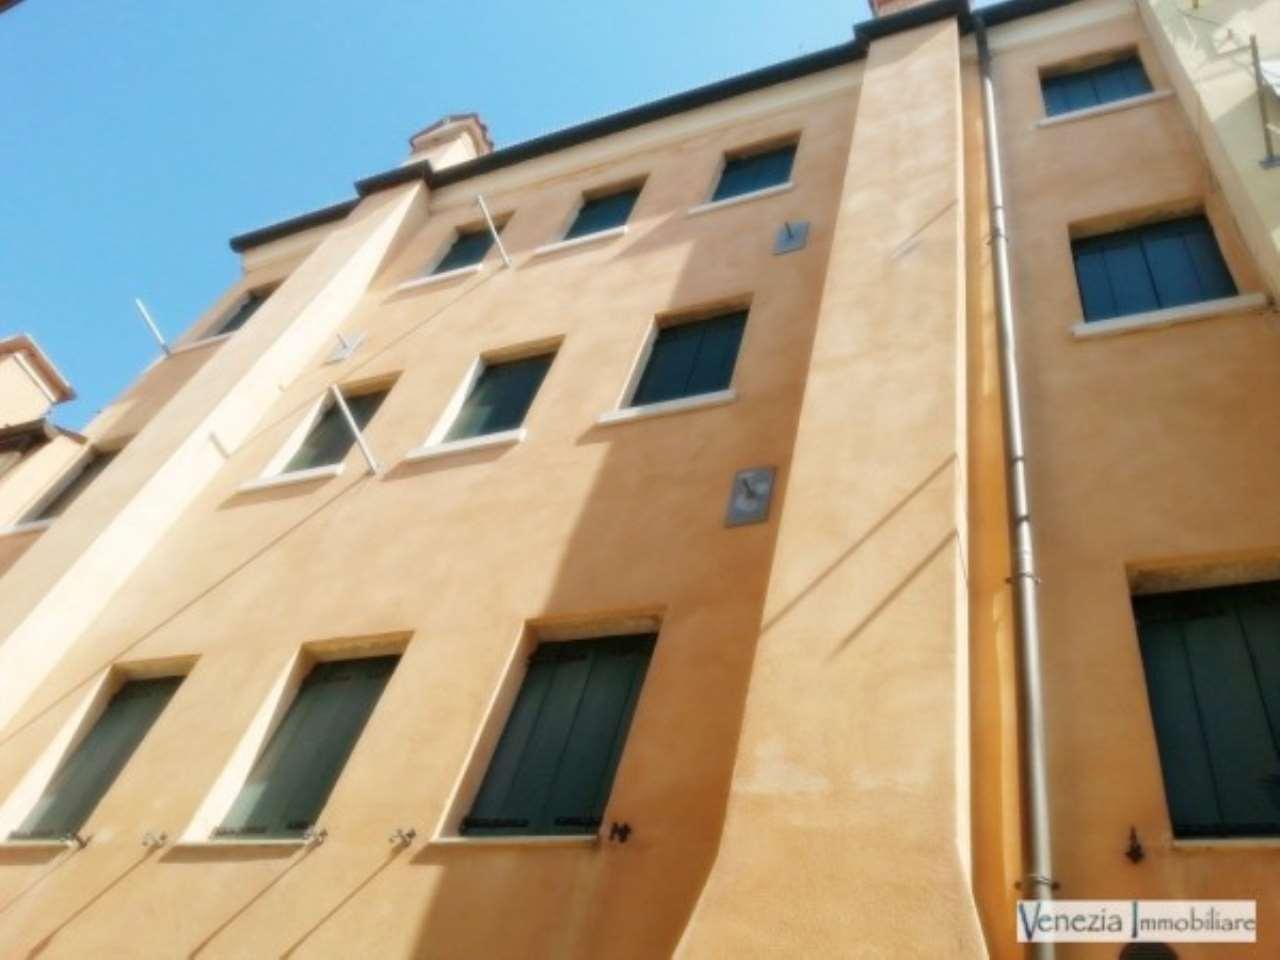 Palazzo / Stabile in vendita a Chioggia, 6 locali, prezzo € 320.000 | Cambio Casa.it